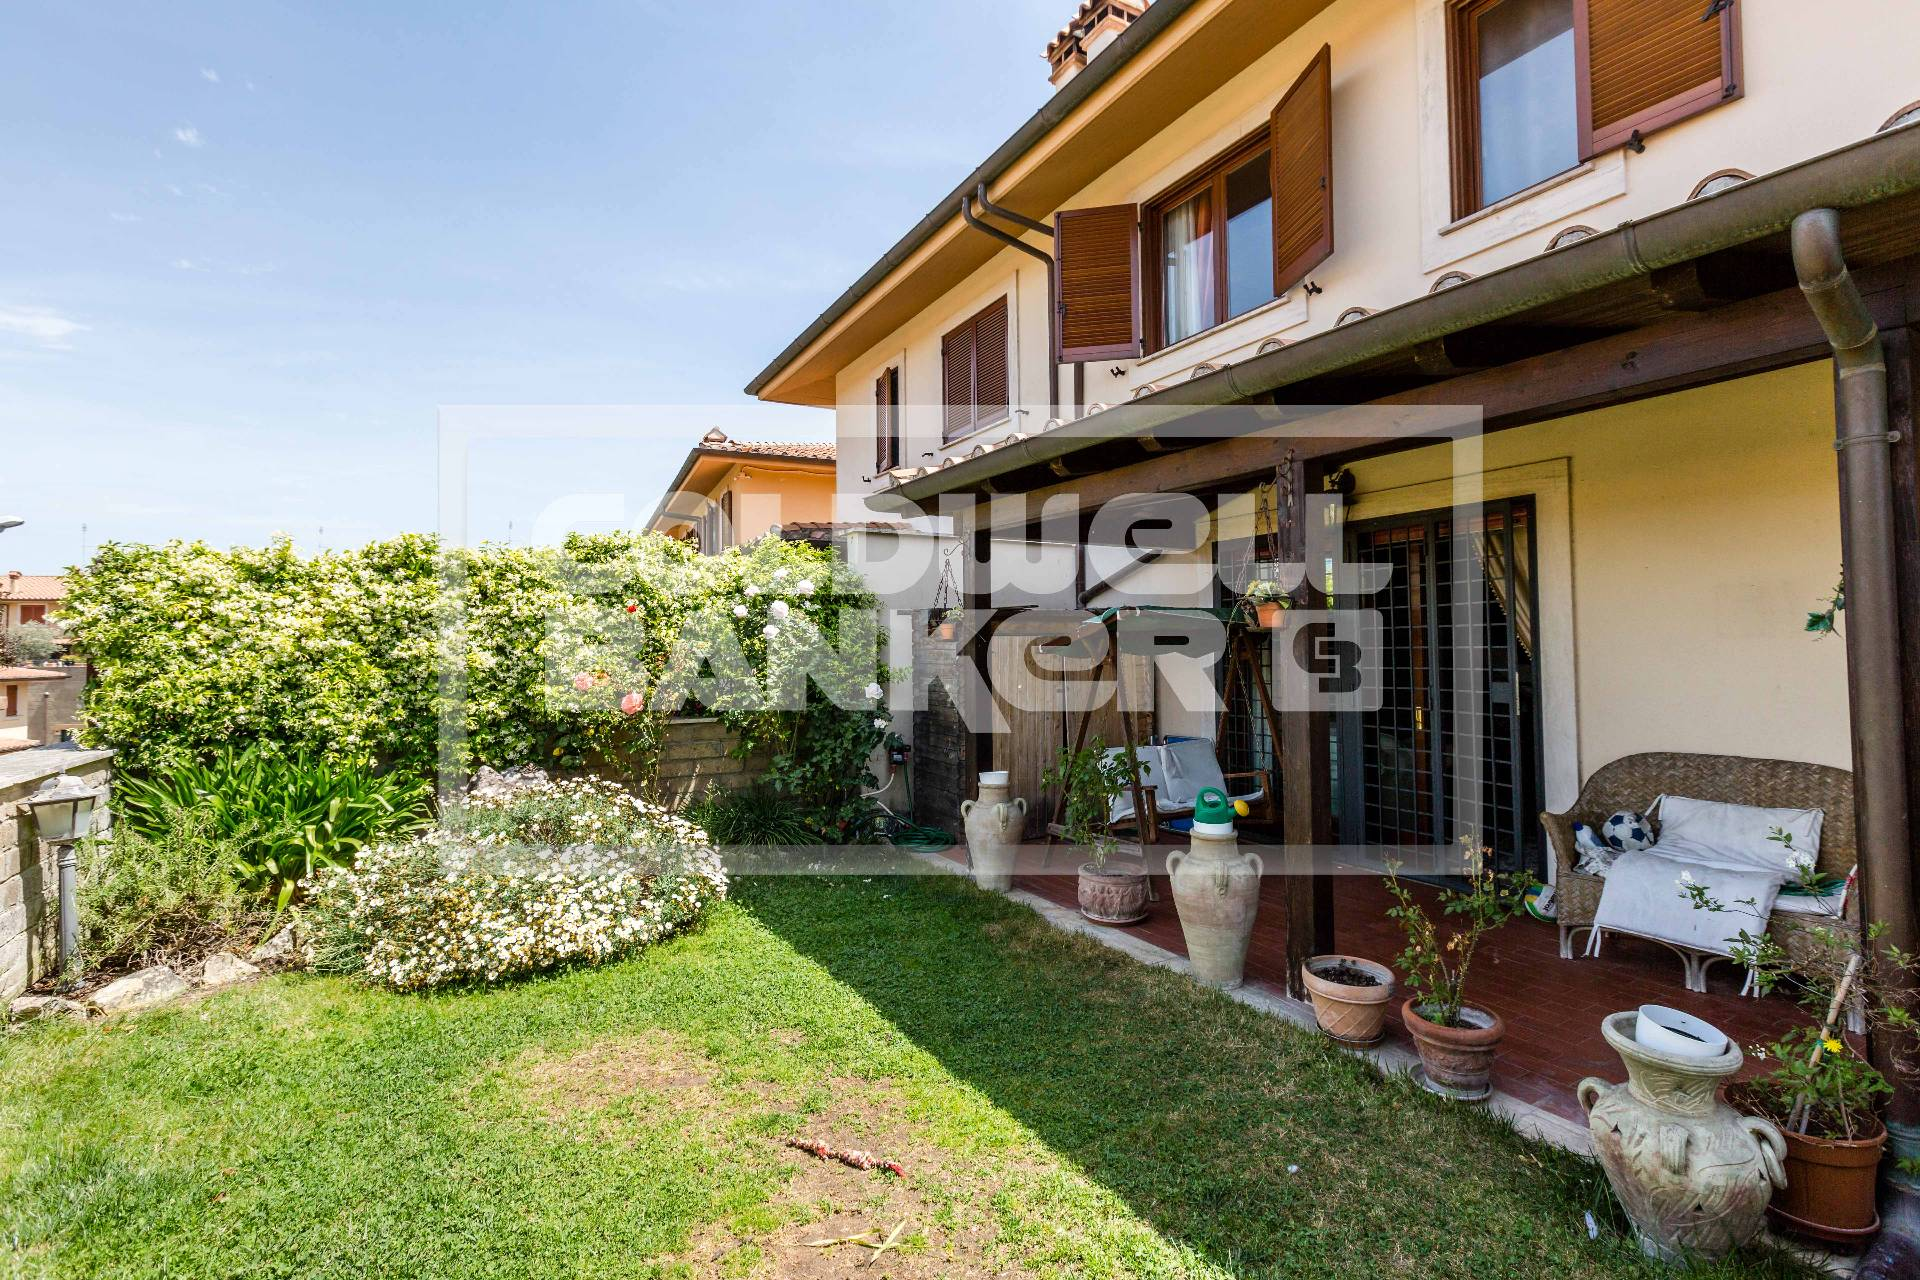 Cbi038 306 33426 villa singola in vendita a roma for Affitto uffici roma boccea